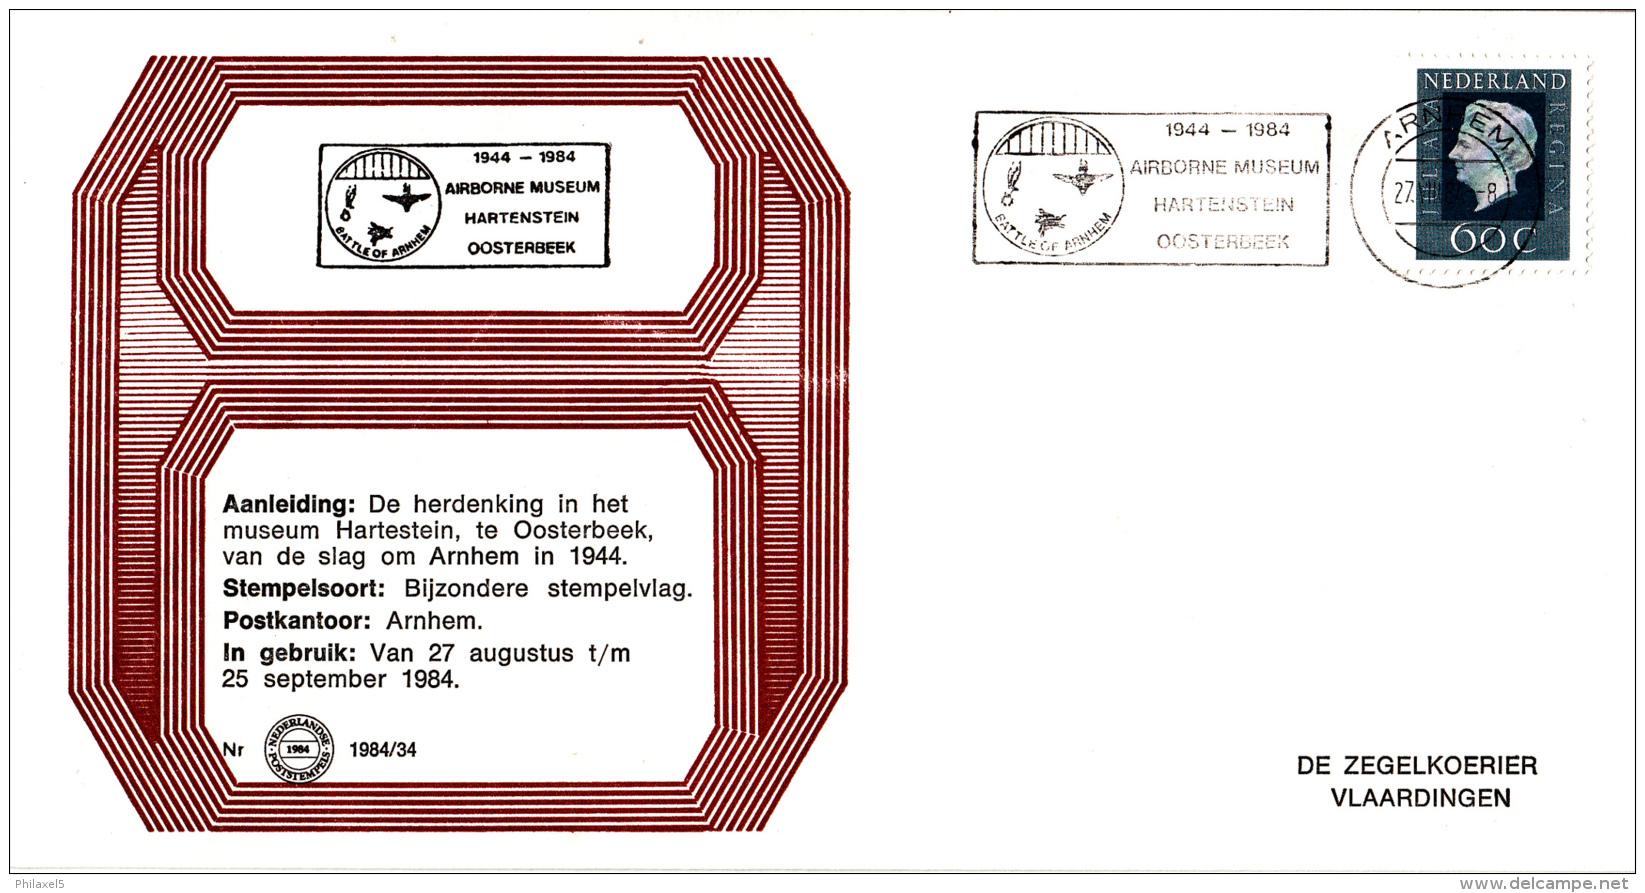 Nederland - Zegelkoerier Nederlandse Poststempels - 1944-1984 - Airborne Museum Hartenstein Oosterbeek - Nr. 1984/34 - Marcofilie - EMA (Print Machine)